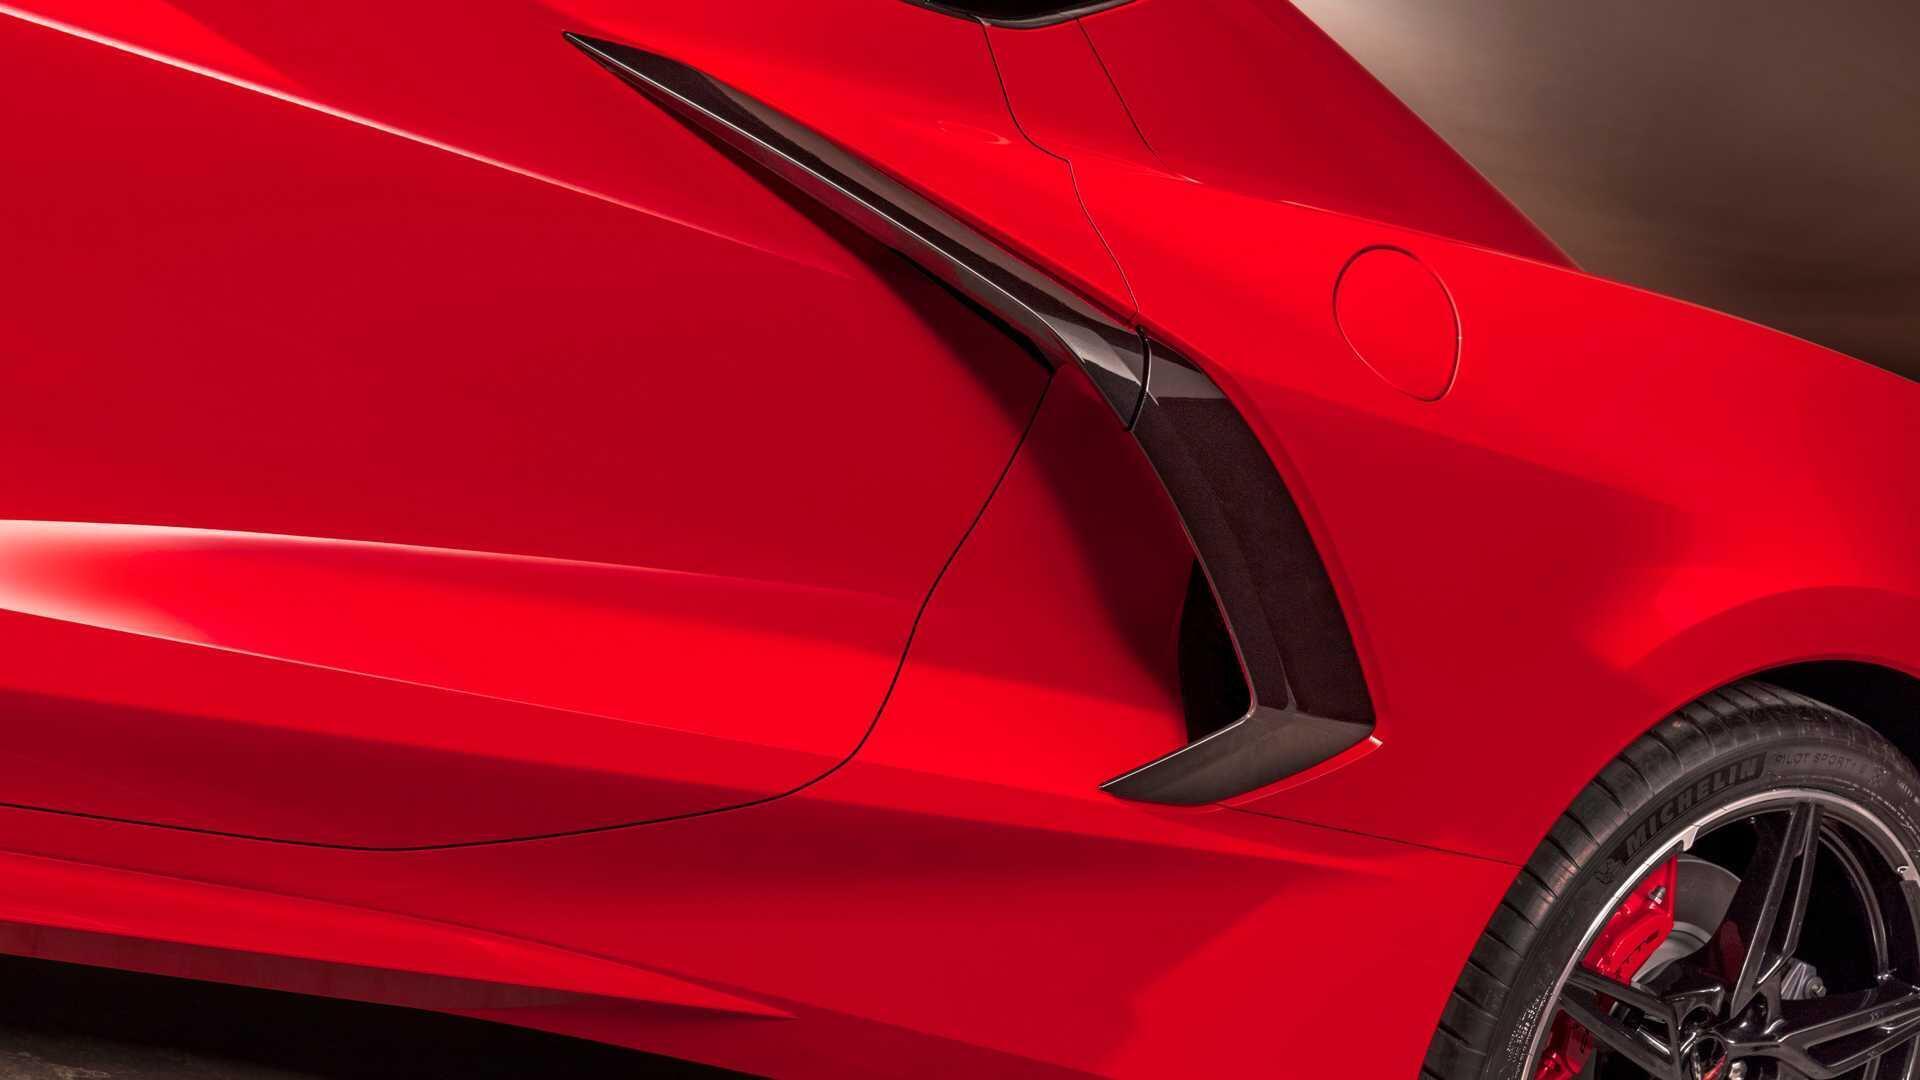 https://cdn.dailyxe.com.vn/image/chevrolet-corvette-2020-co-mot-so-tinh-nang-an-tuyet-voi-68-94576j2.jpg